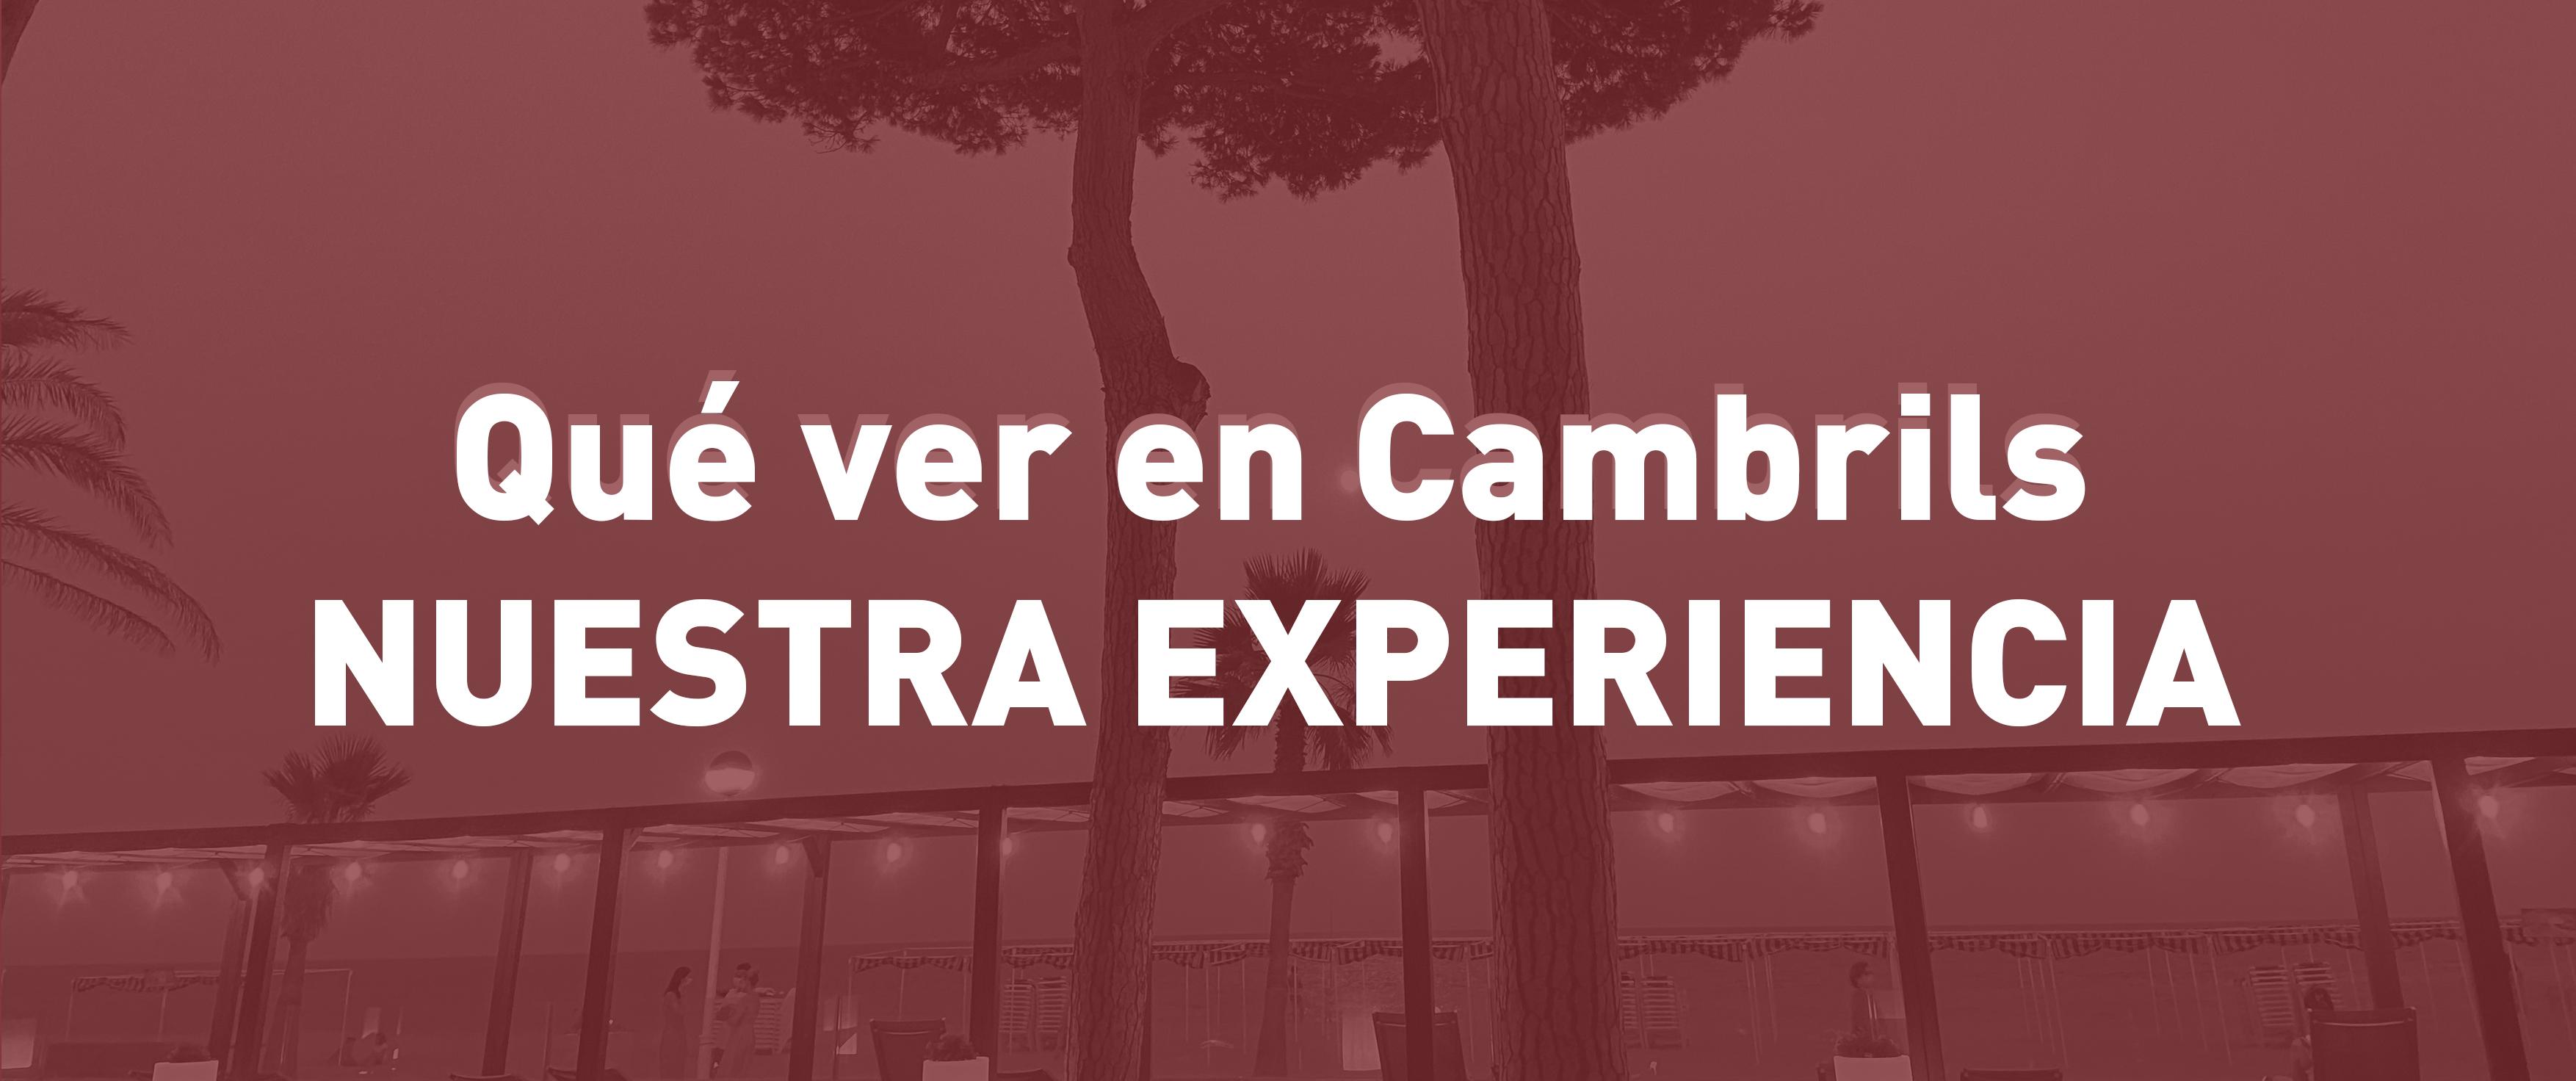 Qué ver en Cambrils: nuestra experiencia en el Estival Centurión Playa 4*